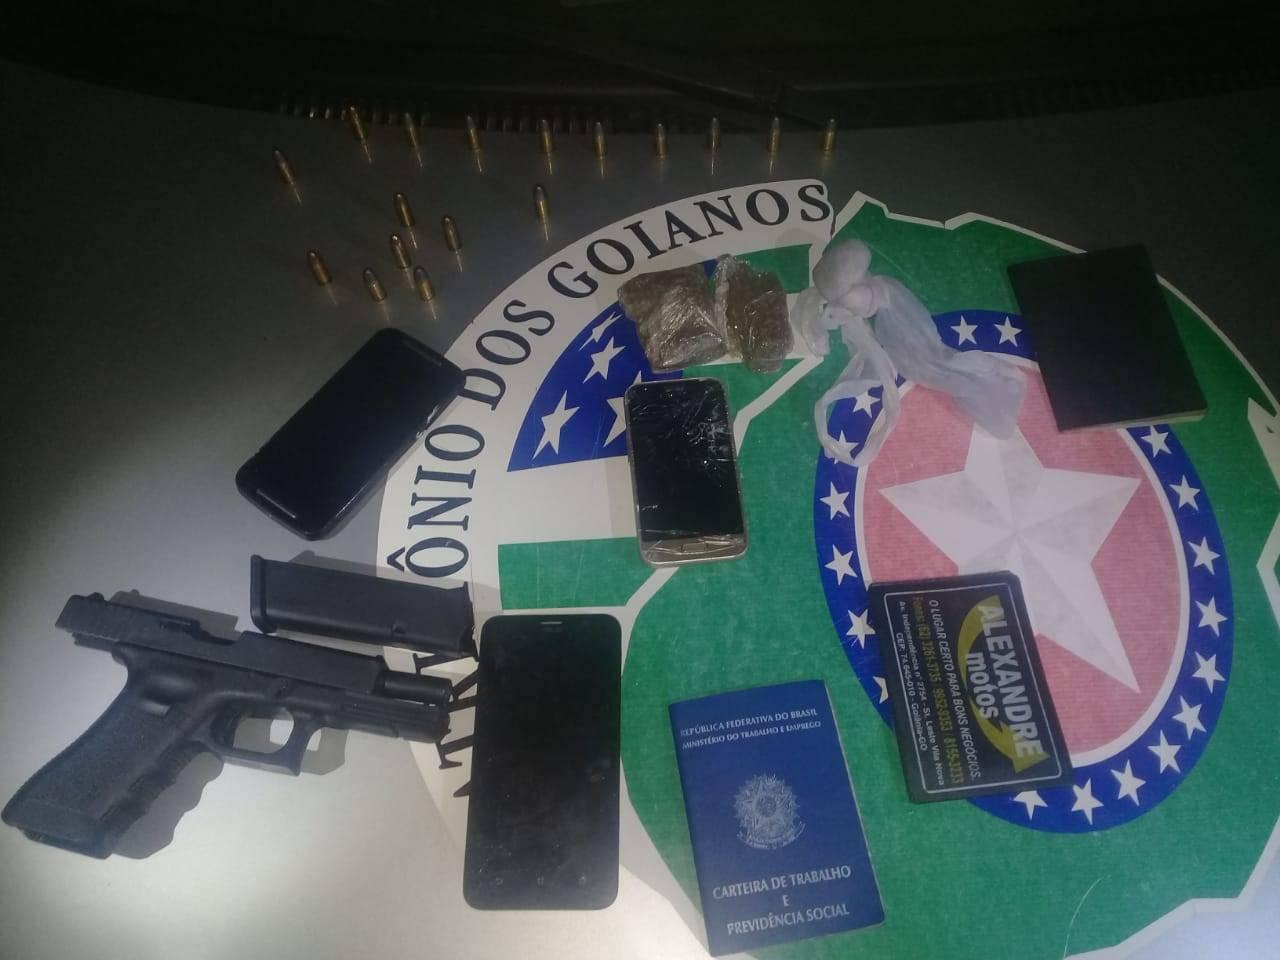 Pistola, munições e celulares apreendidos | Foto: divulgação